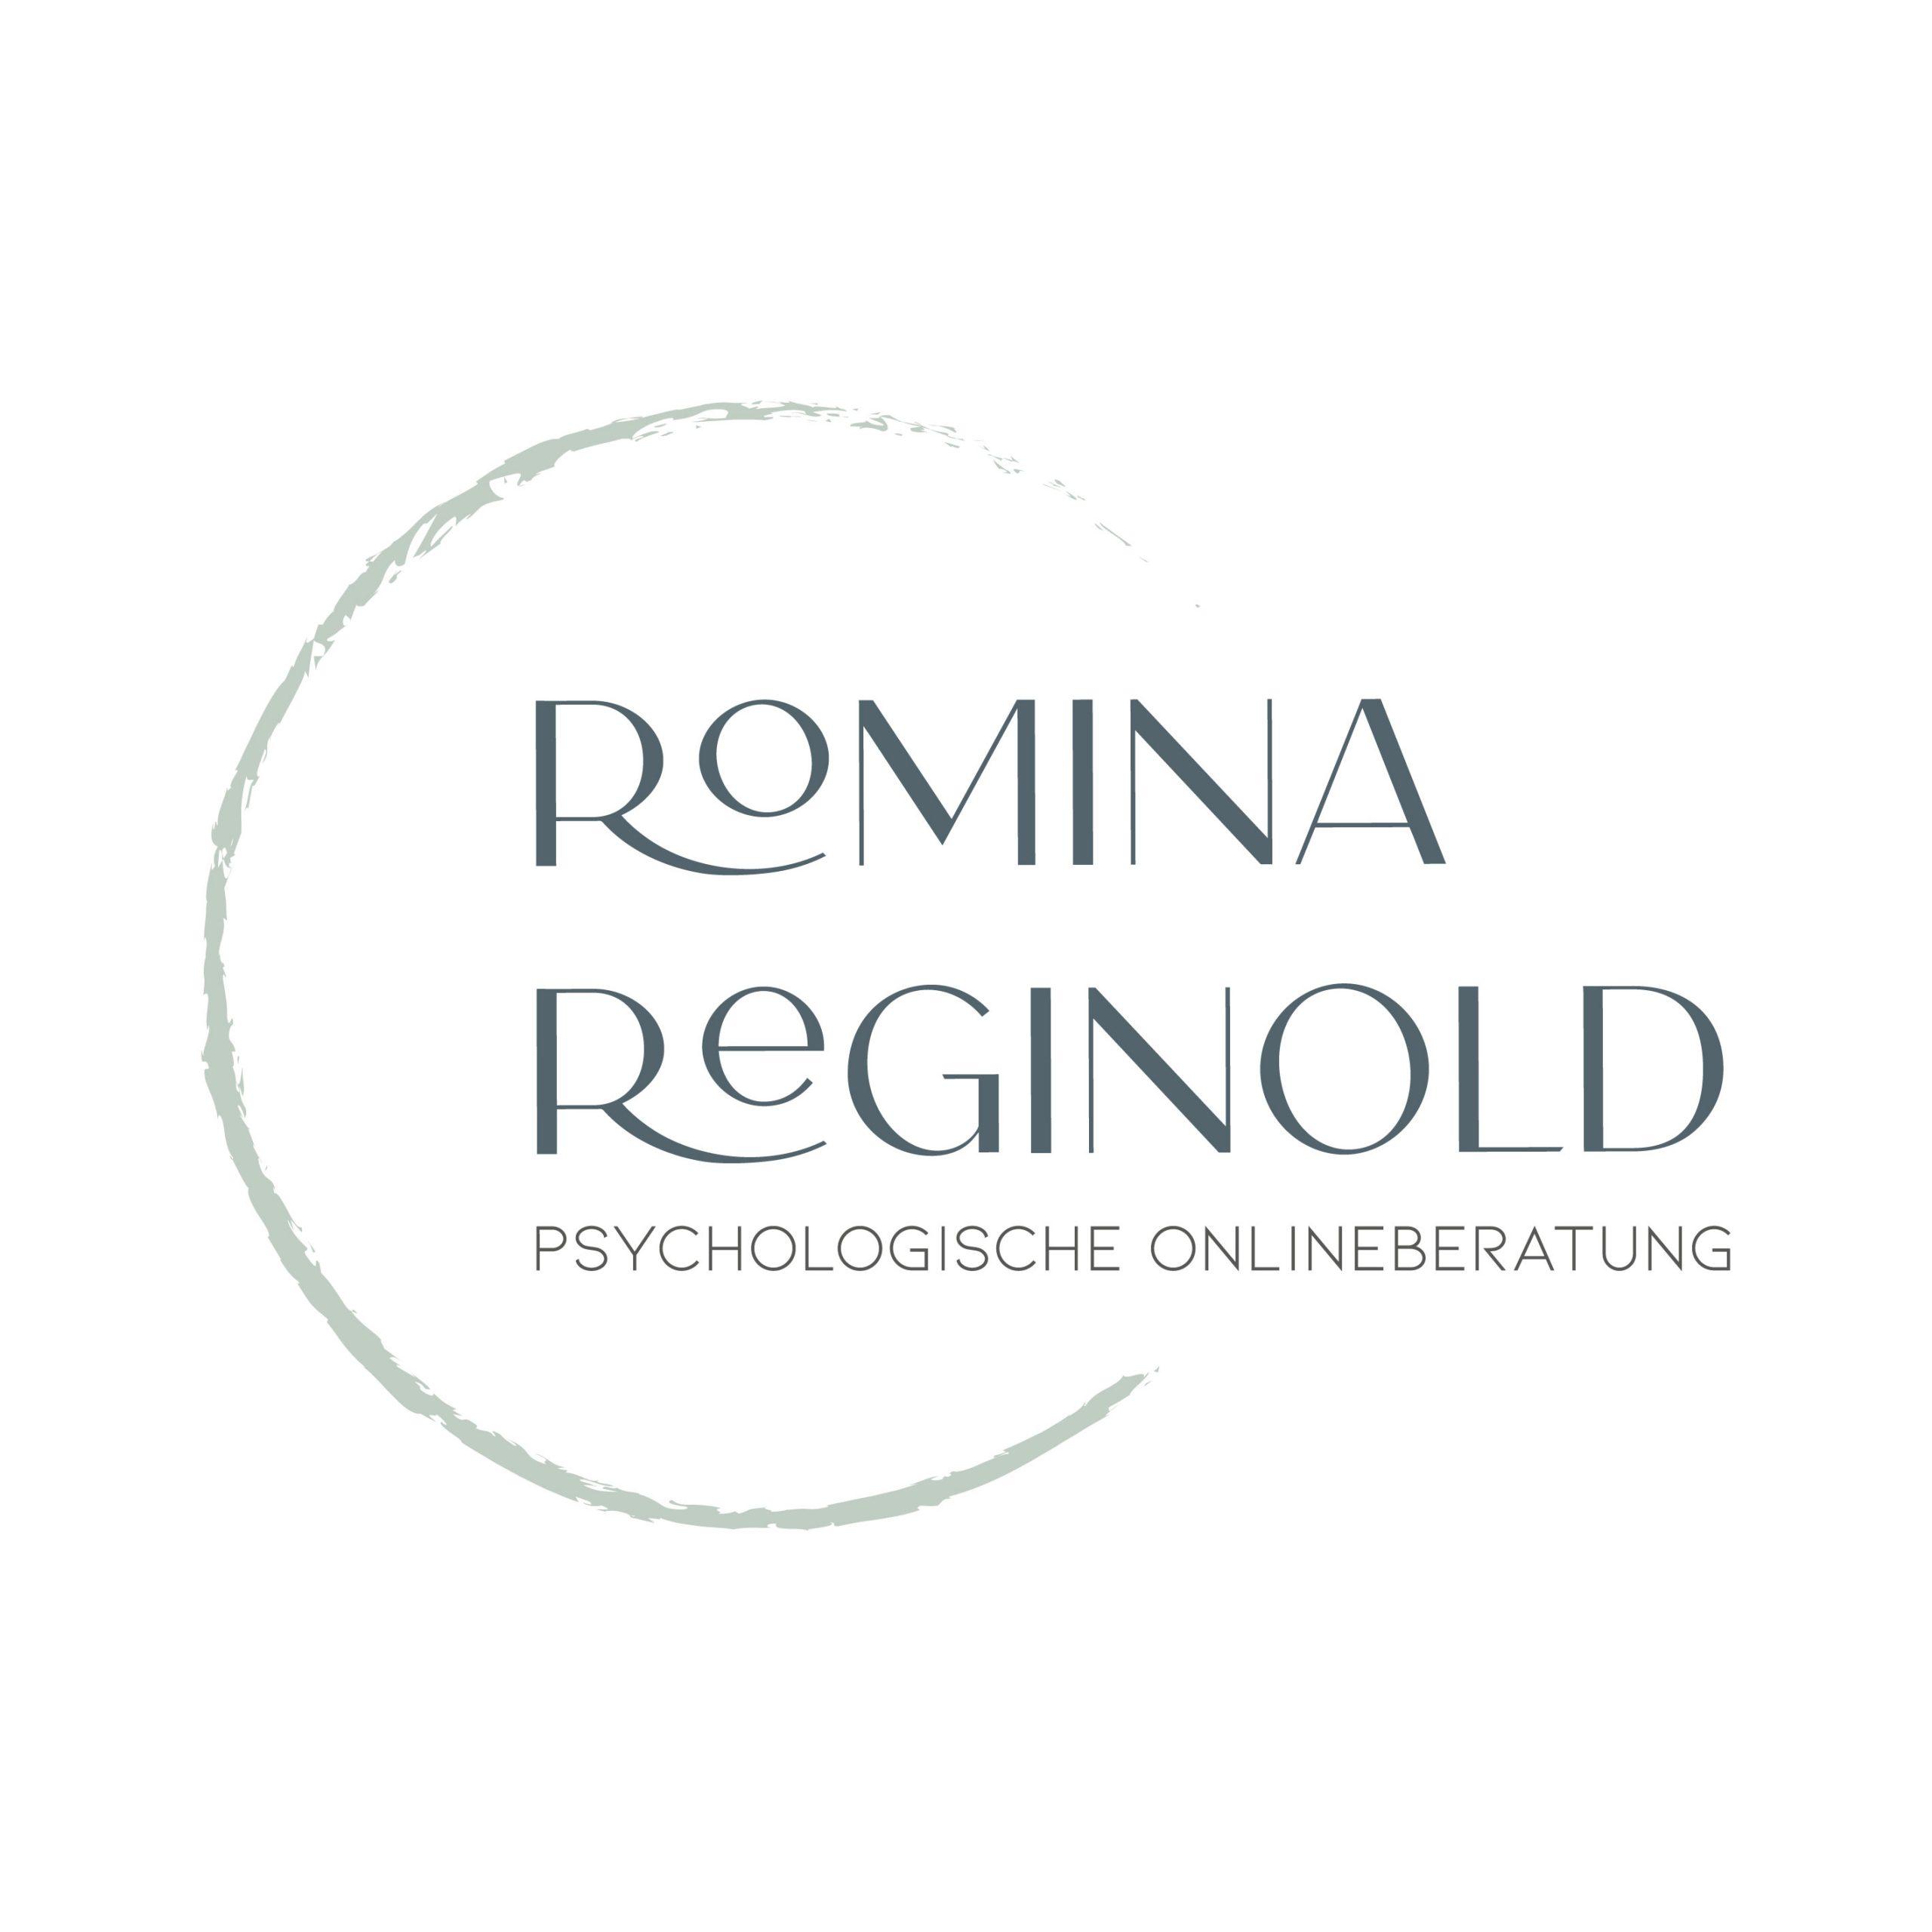 Romina Reginold